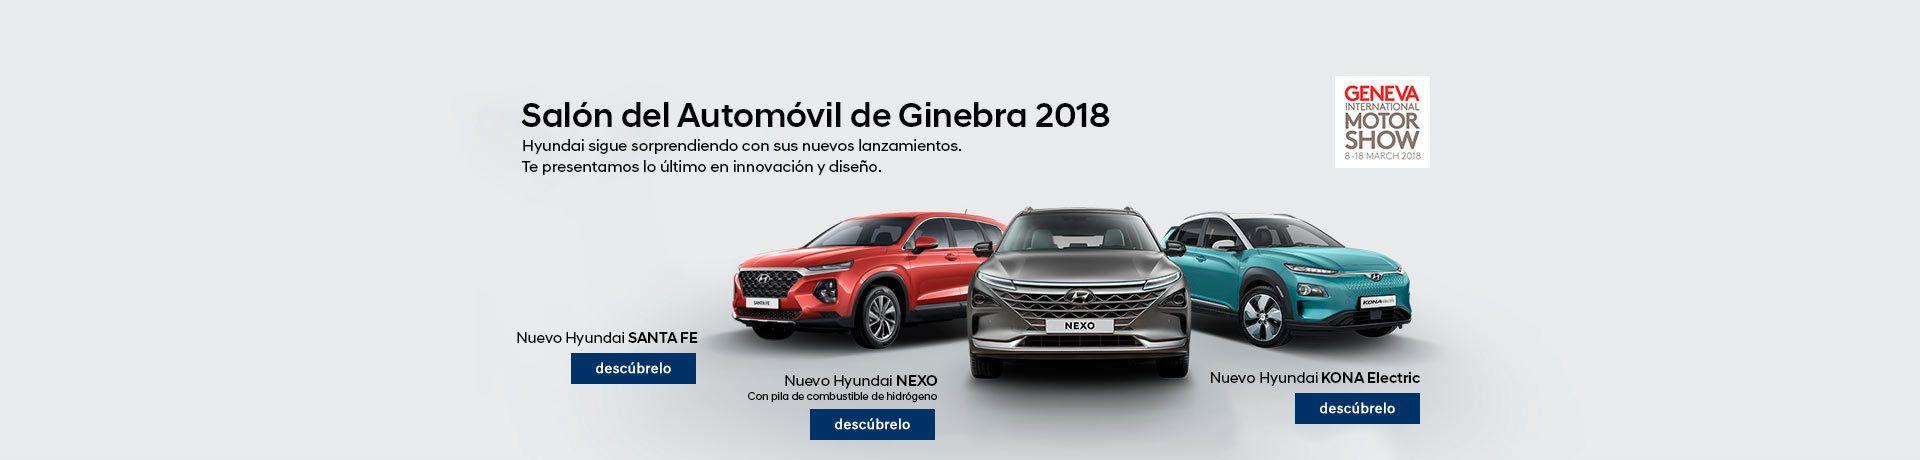 HYUNDAI EN EL SALÓN DEL AUTOMÓVIL DE GINEBRA 2018